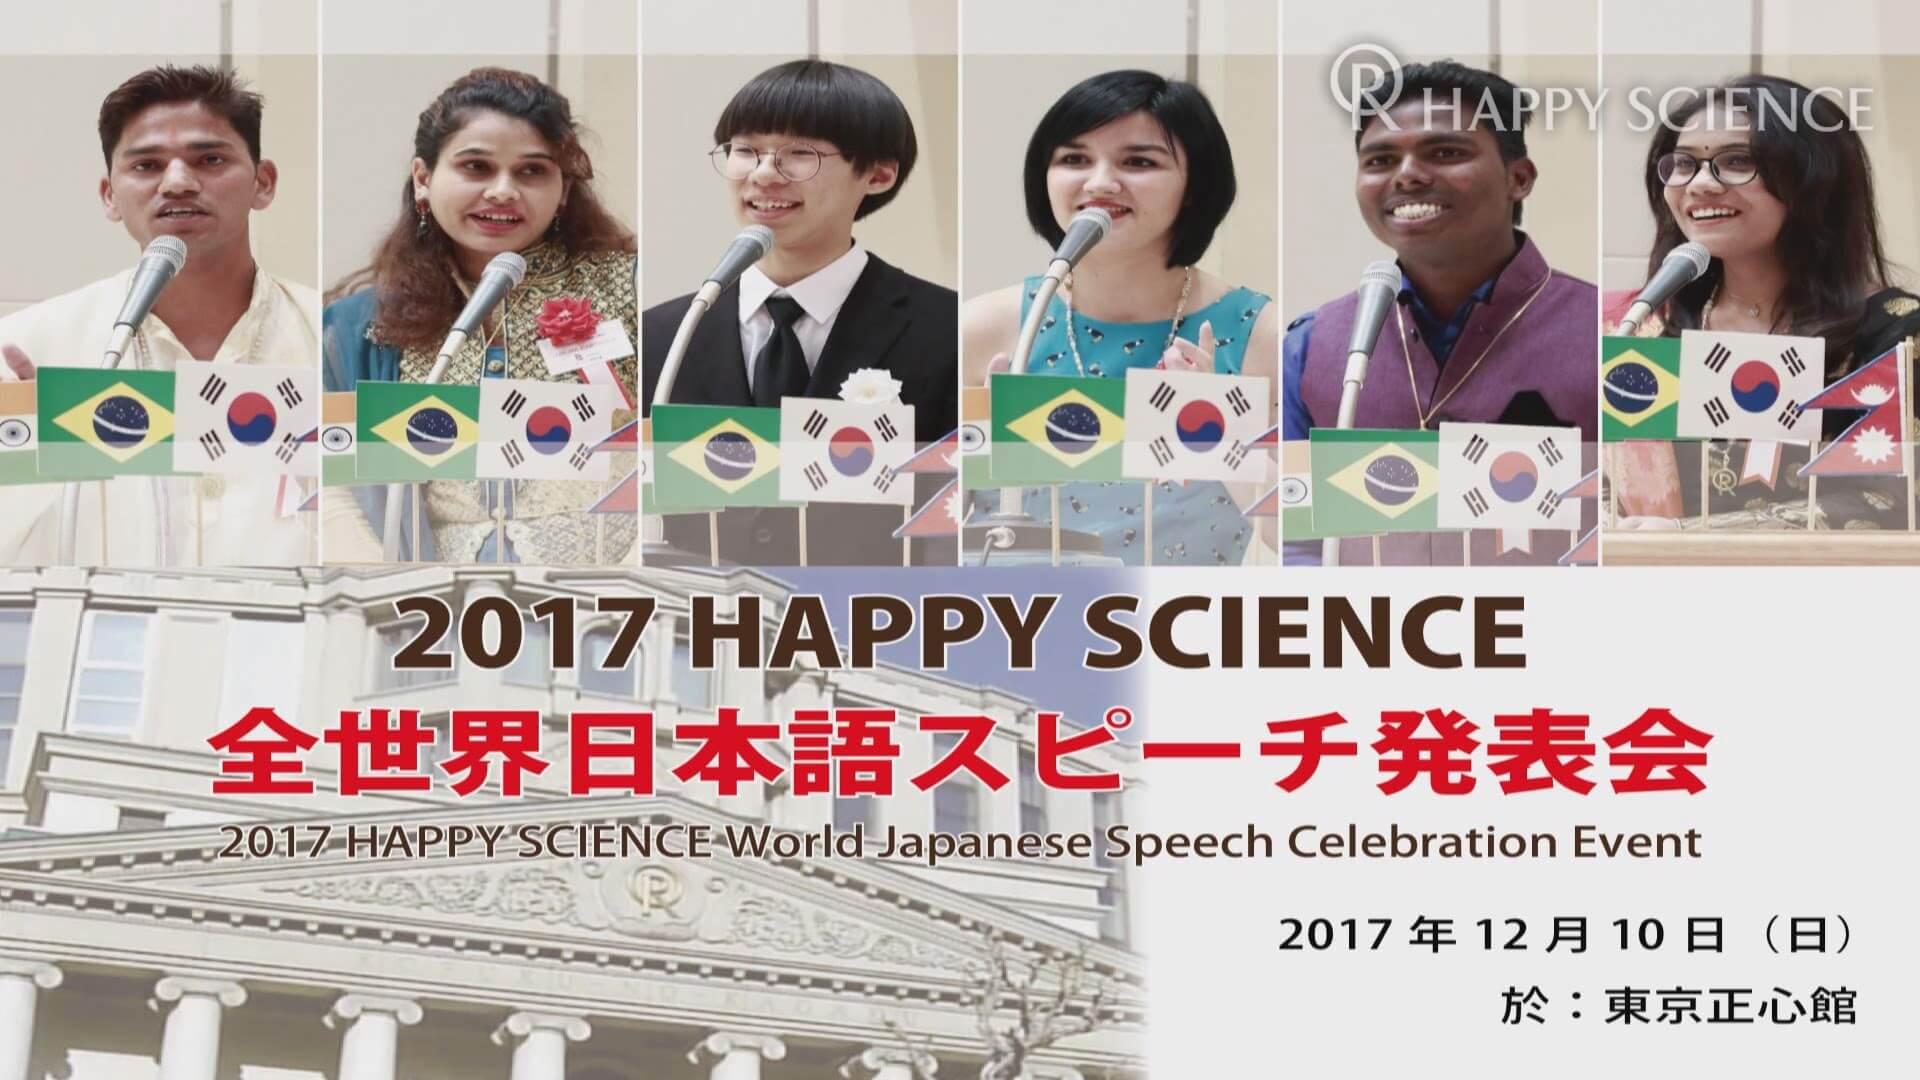 幸福 の 科学 ホームページ